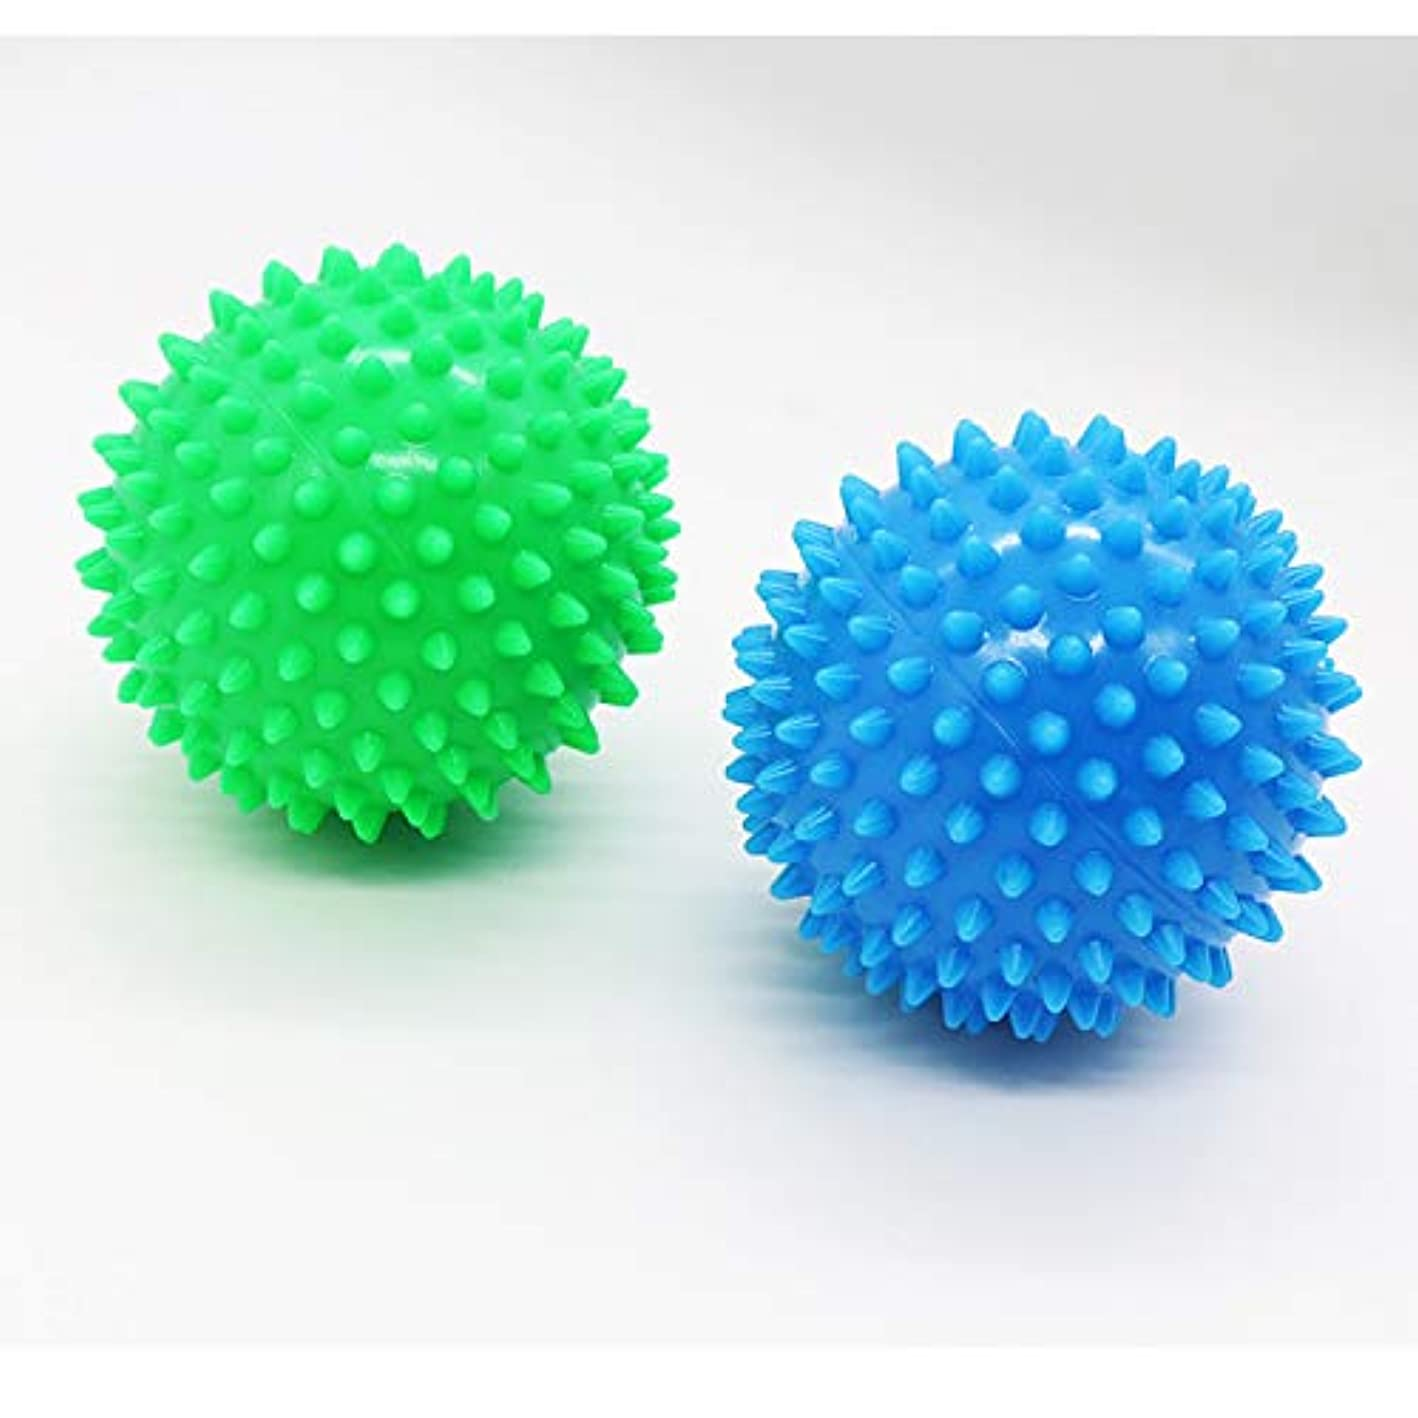 学習トリップ知恵Dreecy マッサージボール(2個セット)触覚ボール リフレックスボール トレーニングボール  ポイントマッサージ 筋筋膜リリース 筋肉緊張和らげ 血液循環促進 9cm(青+緑)